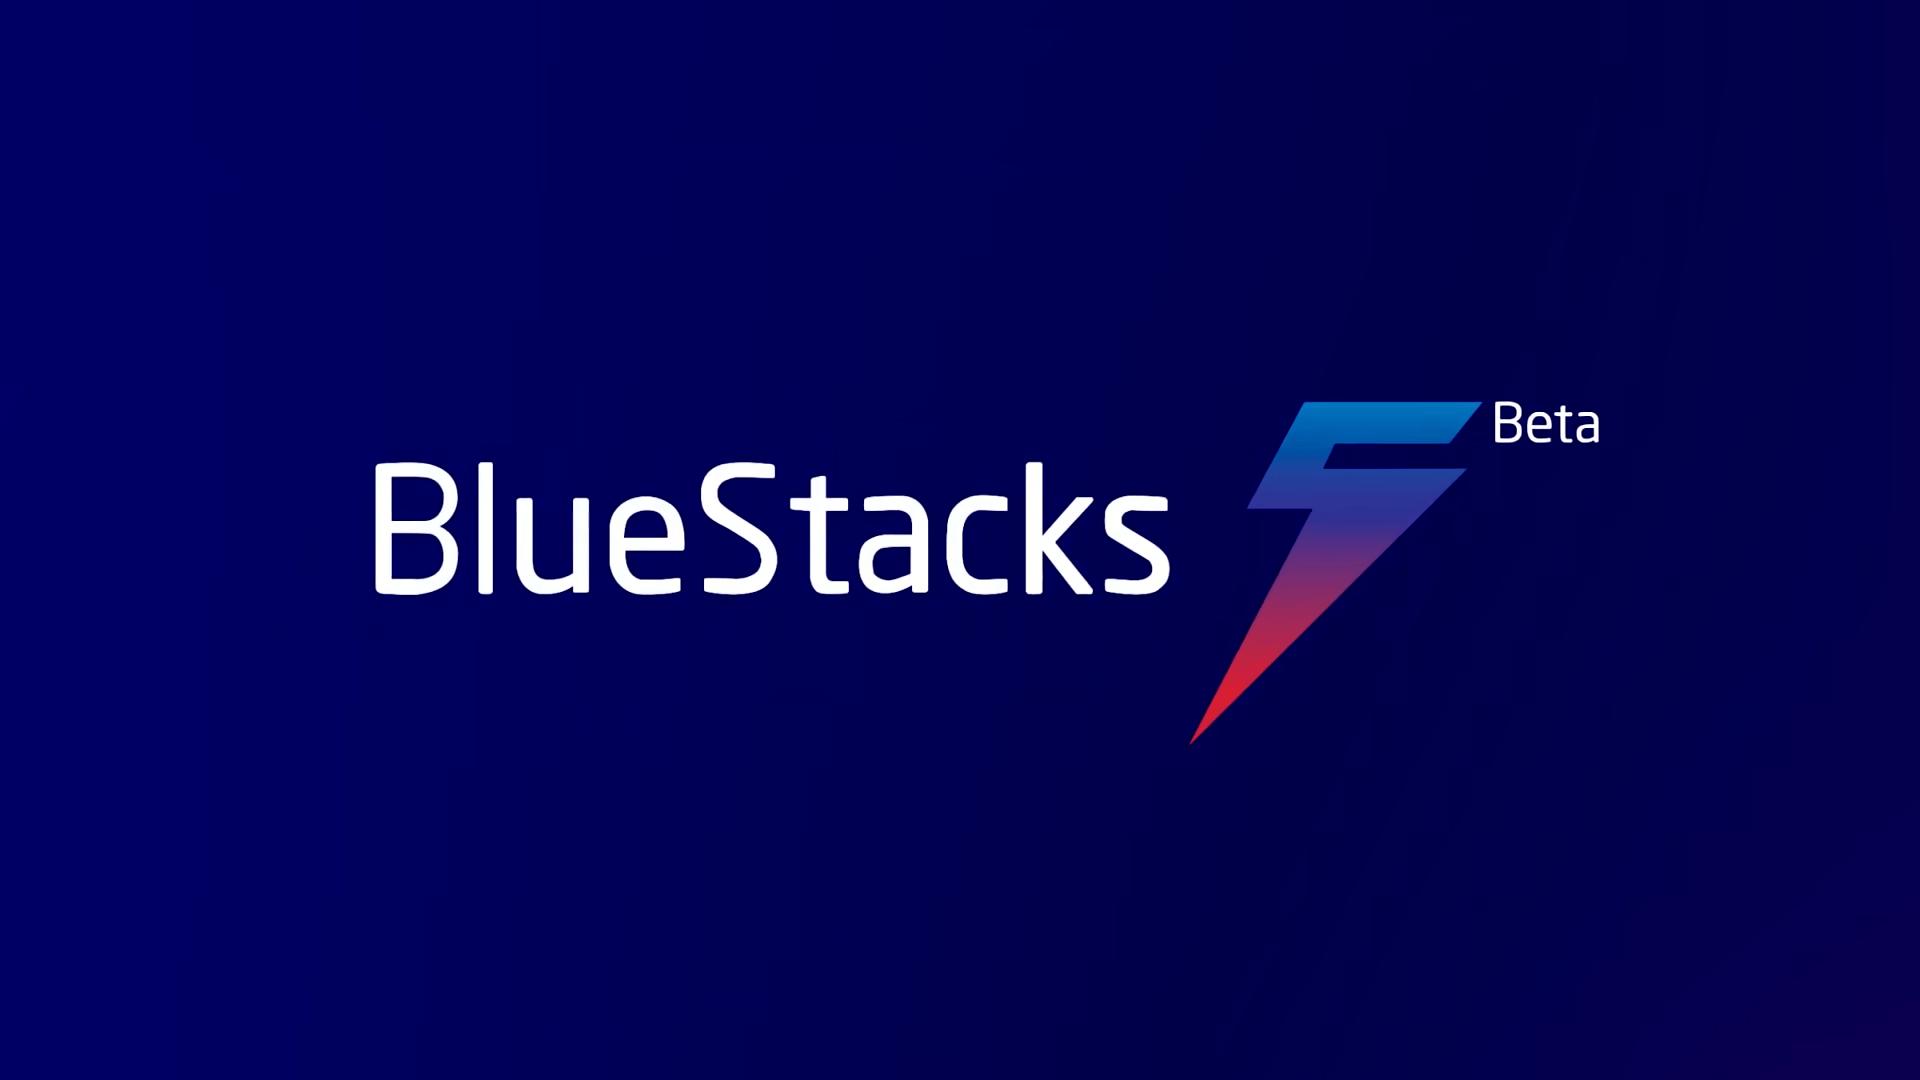 Sortie internationale de BlueStacks 5 – 7 raisons d'essayer la nouvelle version